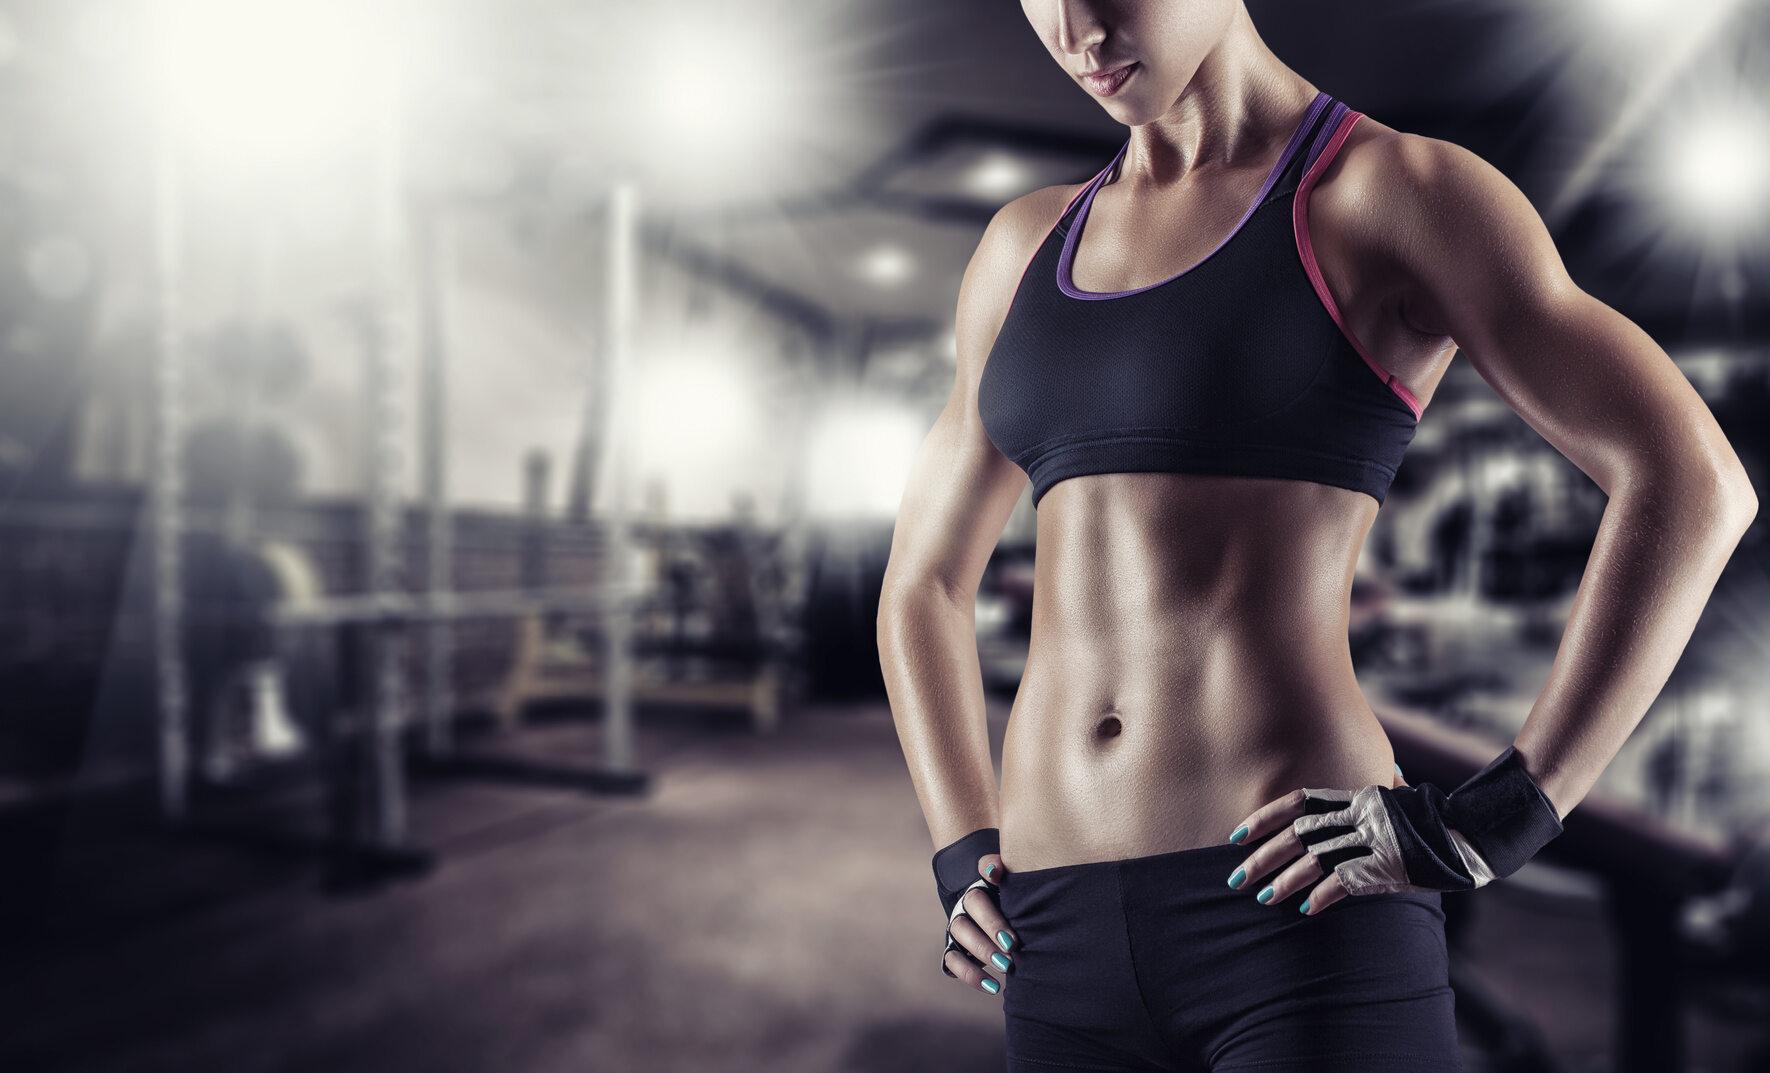 Trenerka fitness (zdj. ilustracyjne)